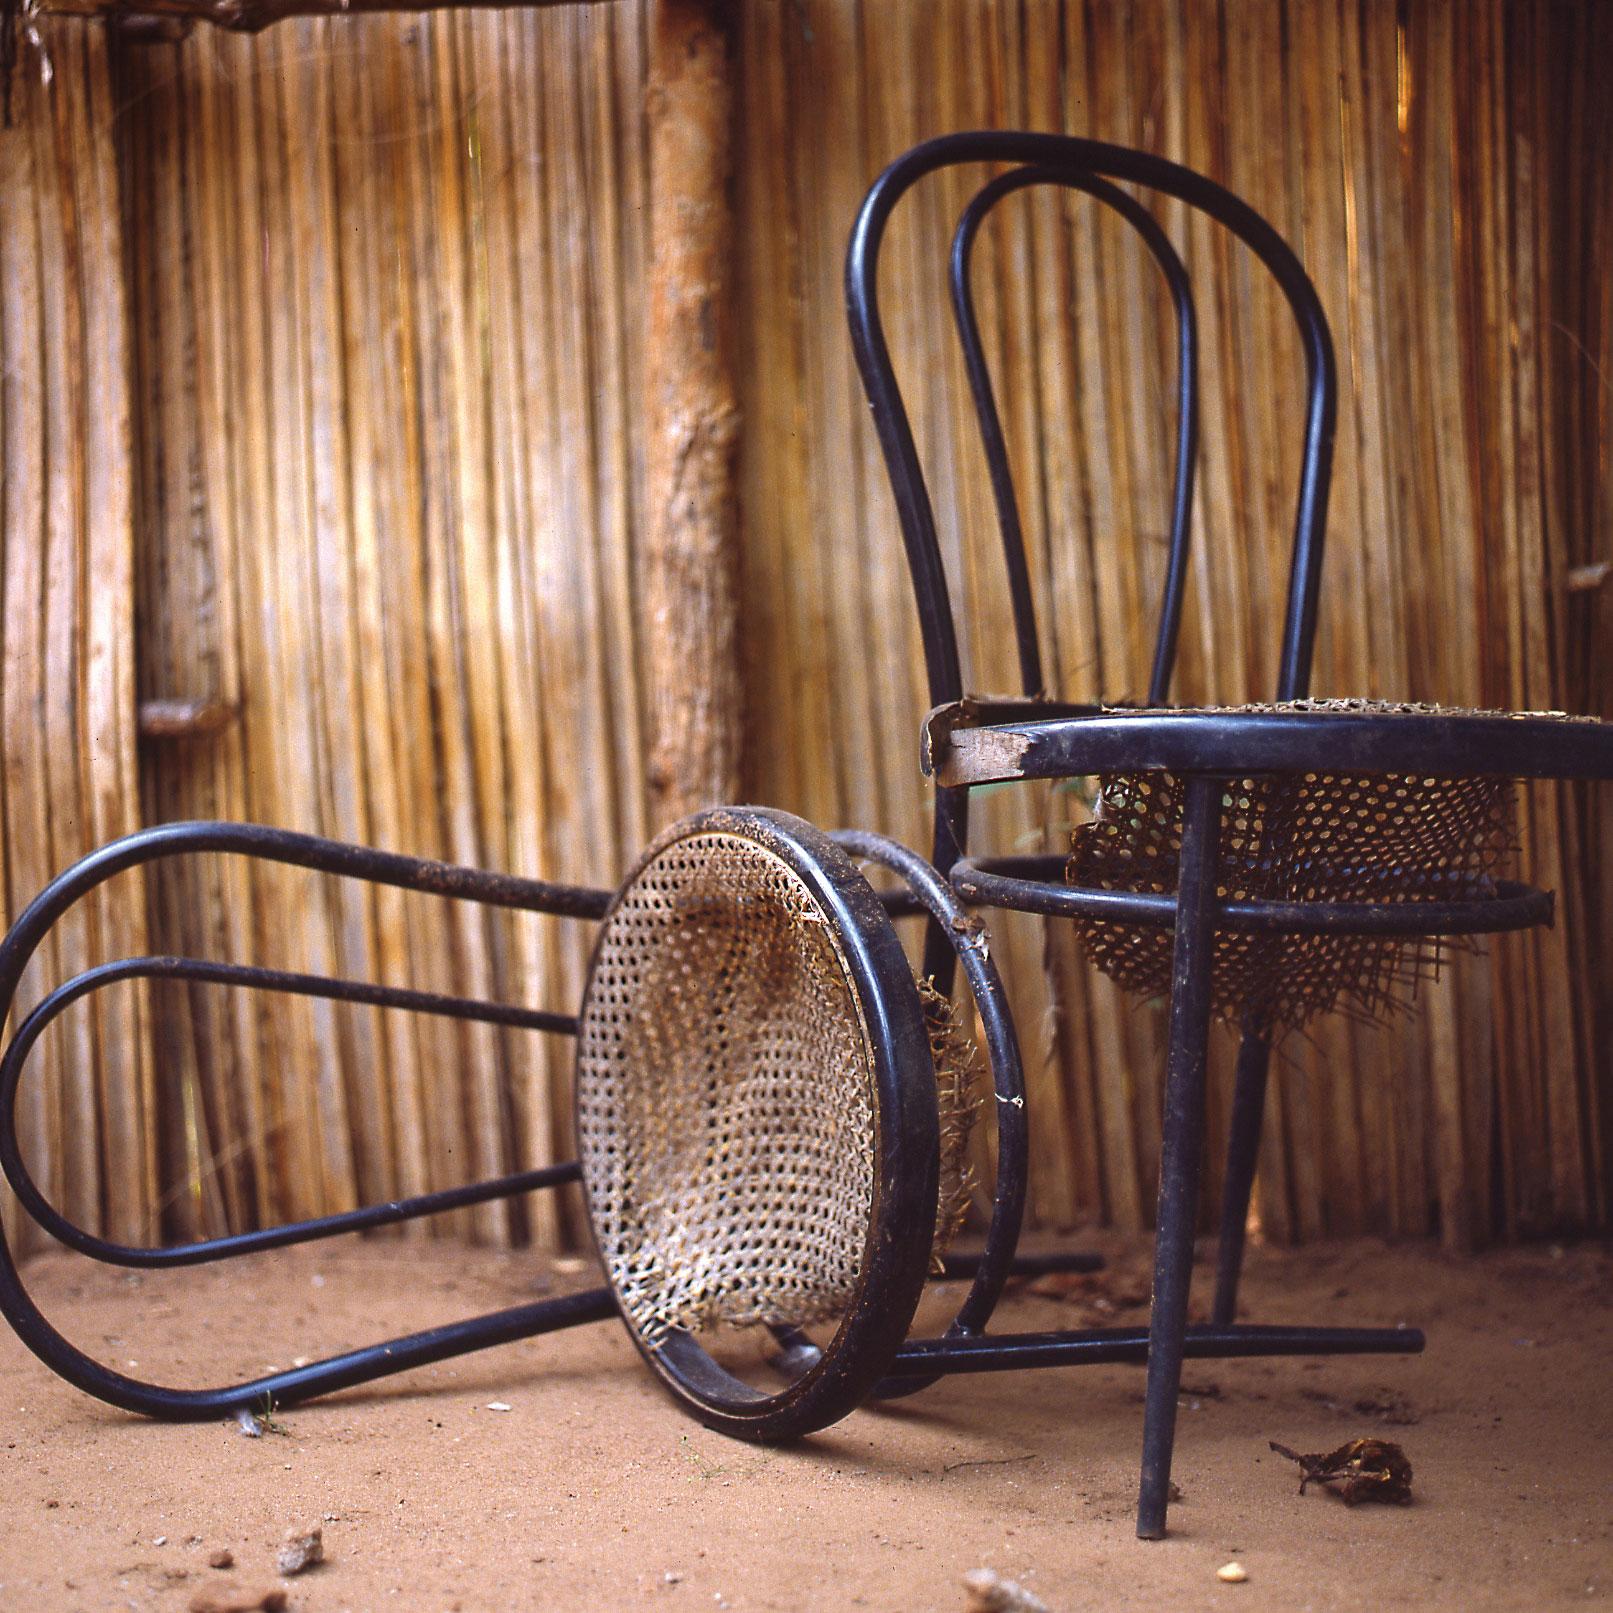 Chaises à réparer    ©W  ilfrid E  dierre